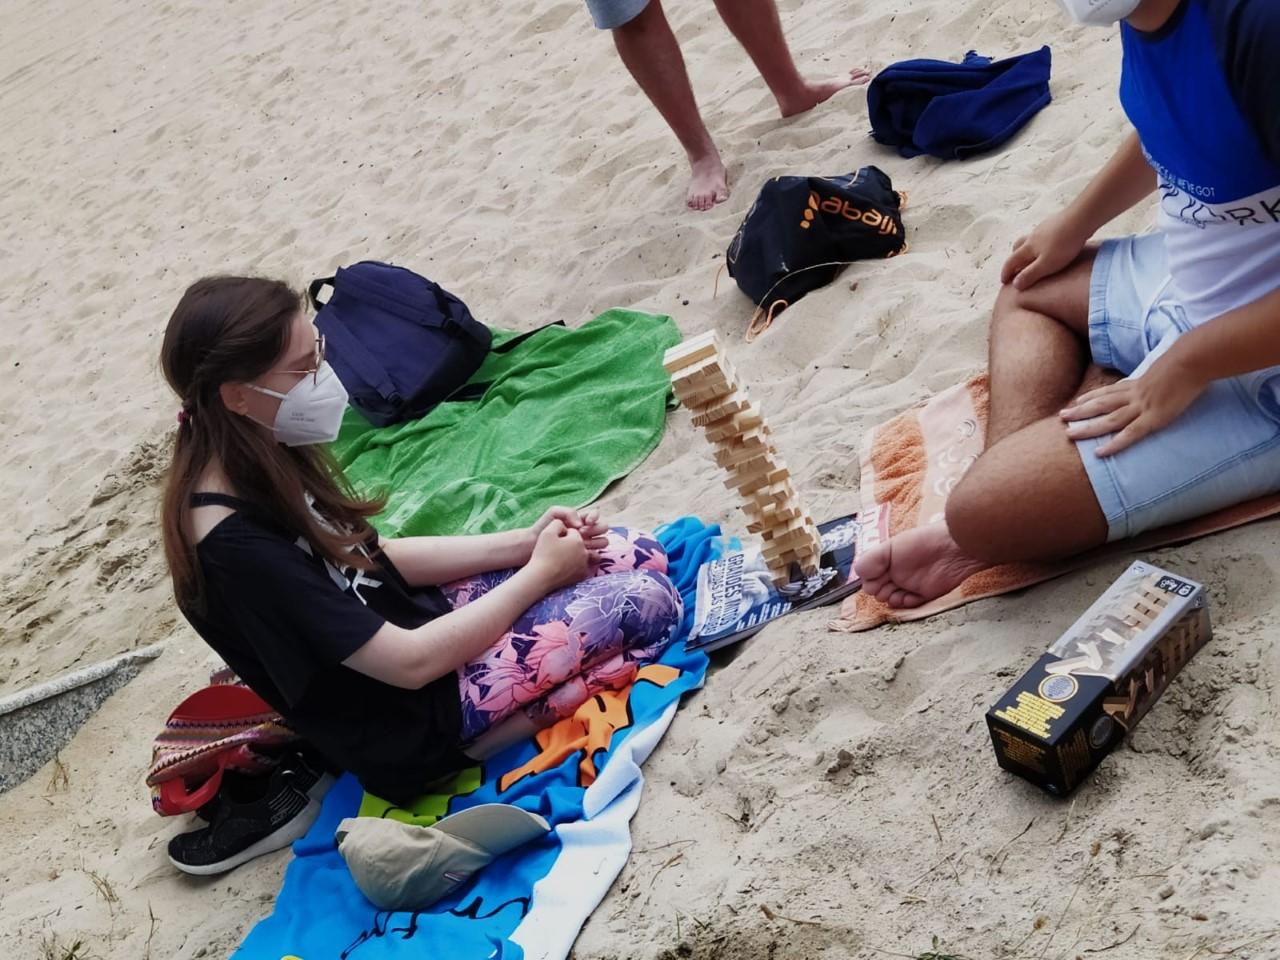 CLUB DE OCIO (jornada en la playa 3) 31-7-2020